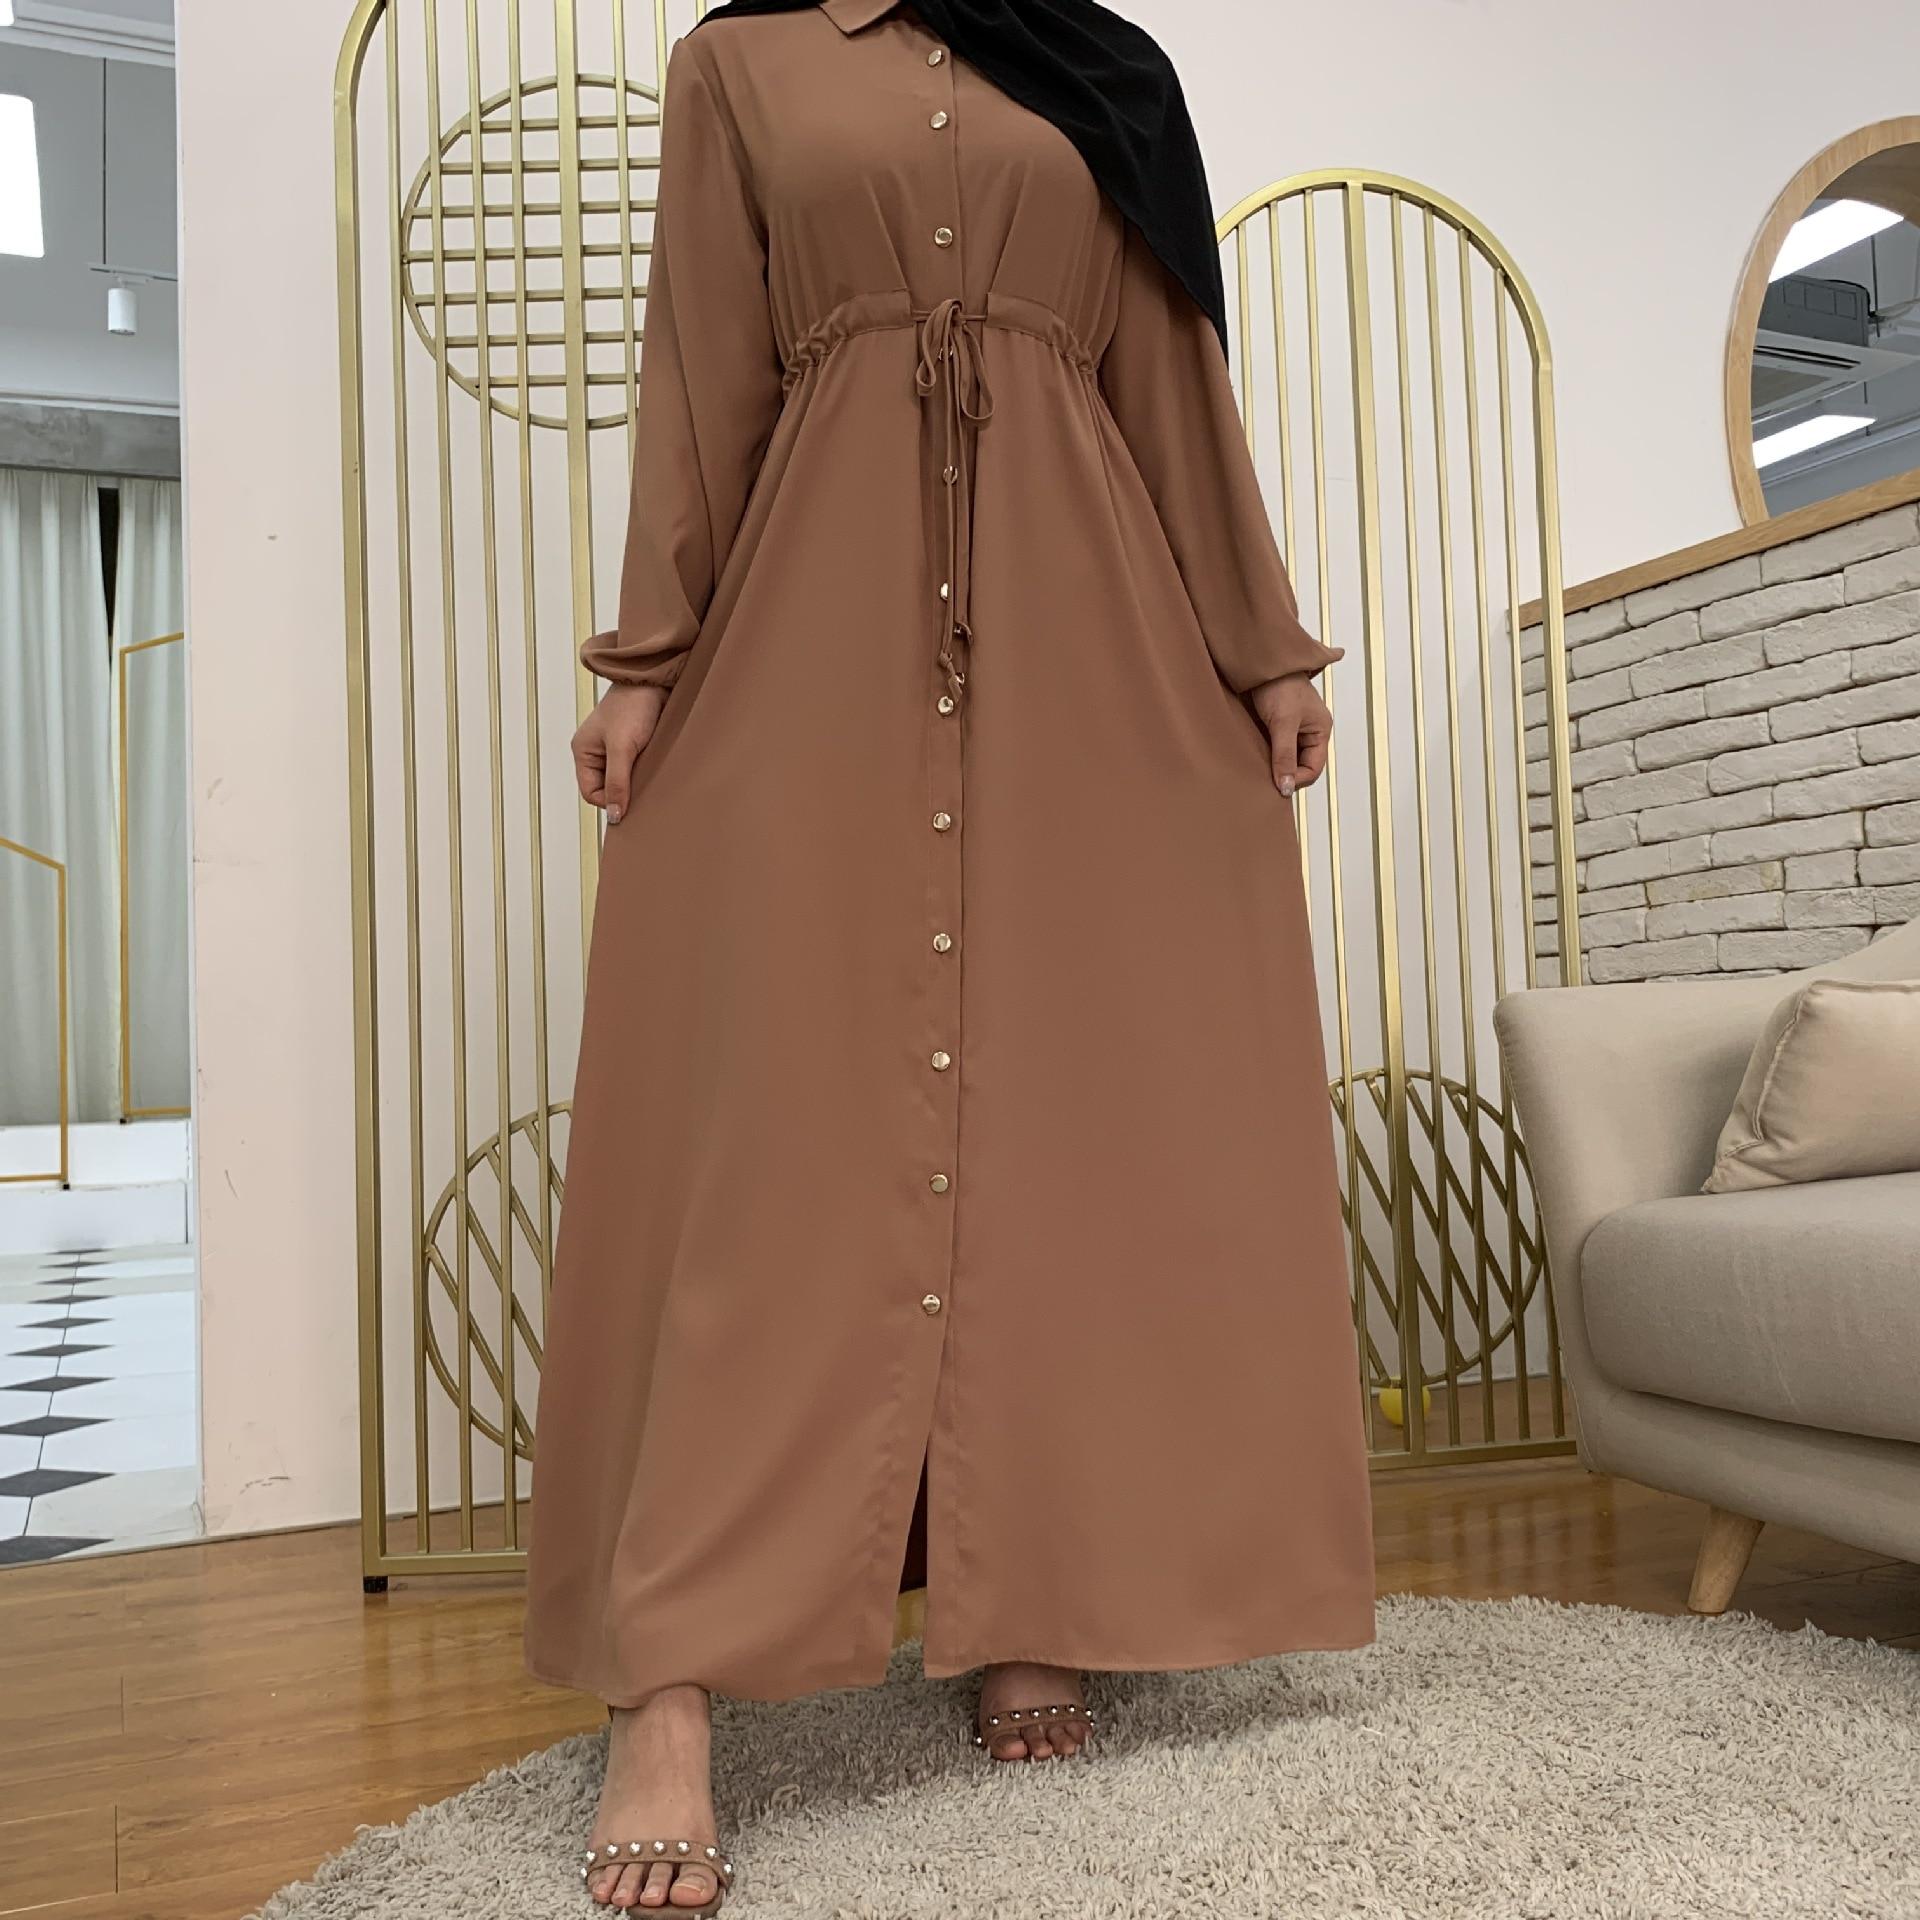 2021 المرأة دبي عباية تركيا مسلم موضة الحجاب فستان طويل التلبيب قفطان الإسلام الملابس الأفريقية ماكسي فساتين للنساء رداء